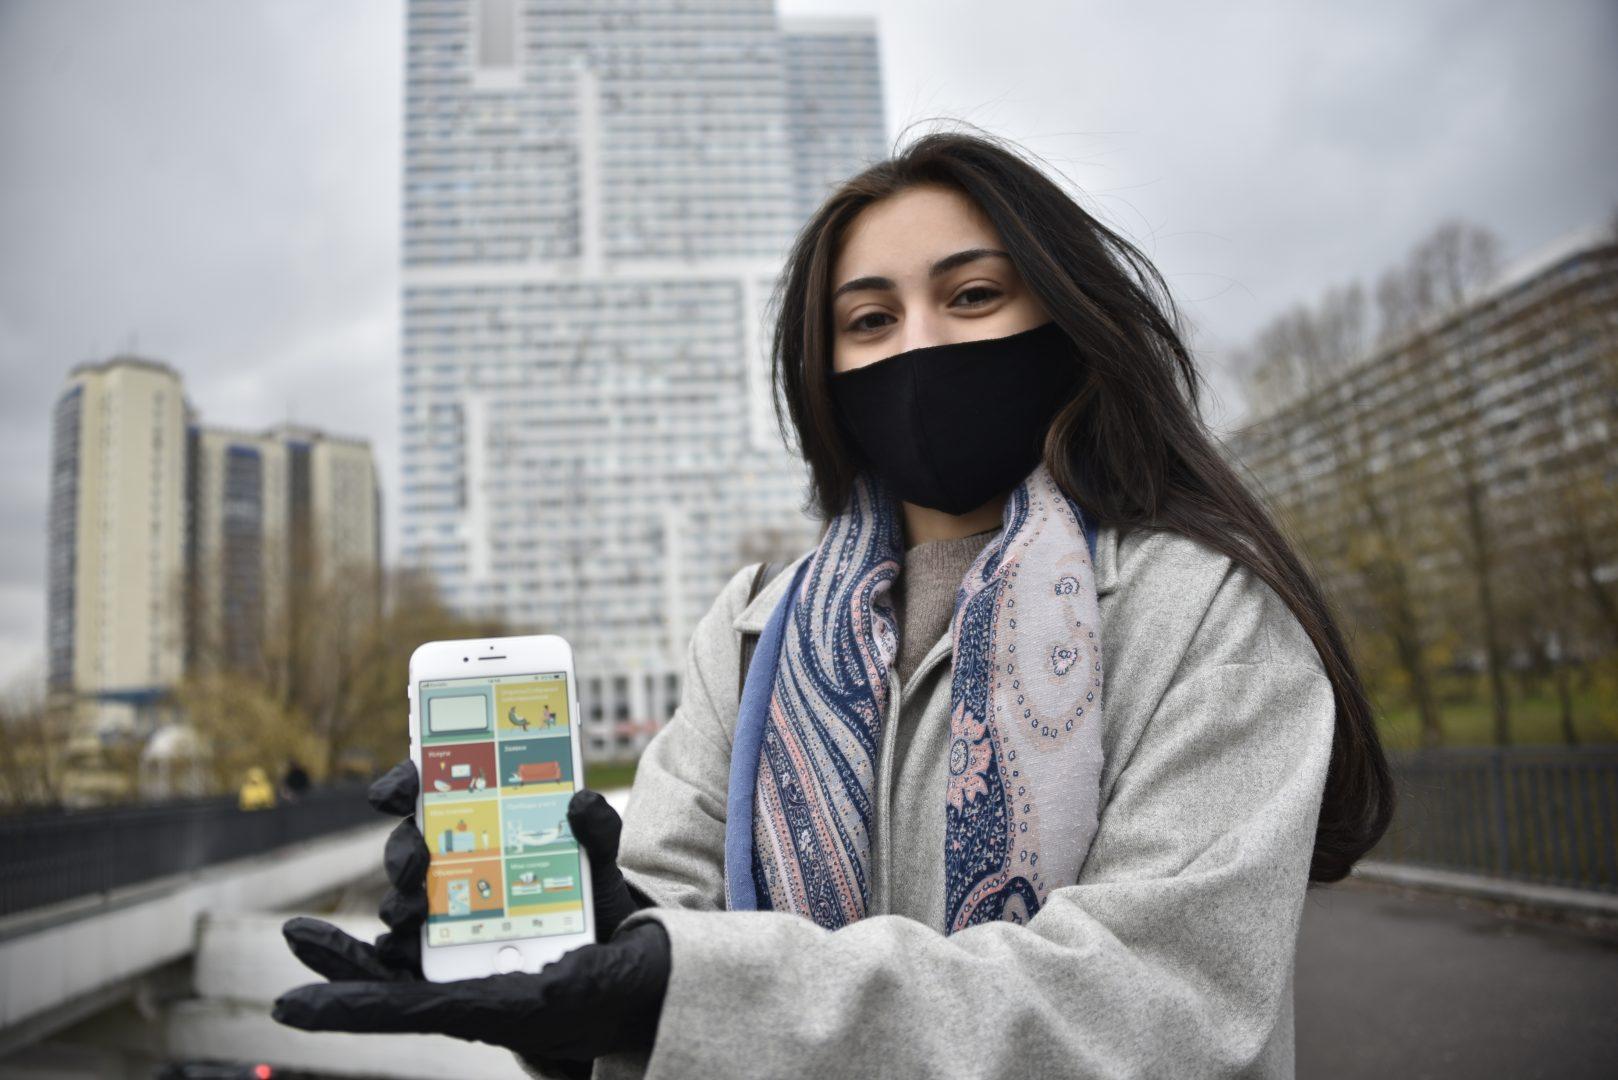 16 ноября 2020 года. Екатерина Миронова довольна новой версией приложения «Электронный дом», ведь оно позволяет ей участвовать в собраниях жильцов в любом месте и в любое время. Фото: Пелагия Замятина